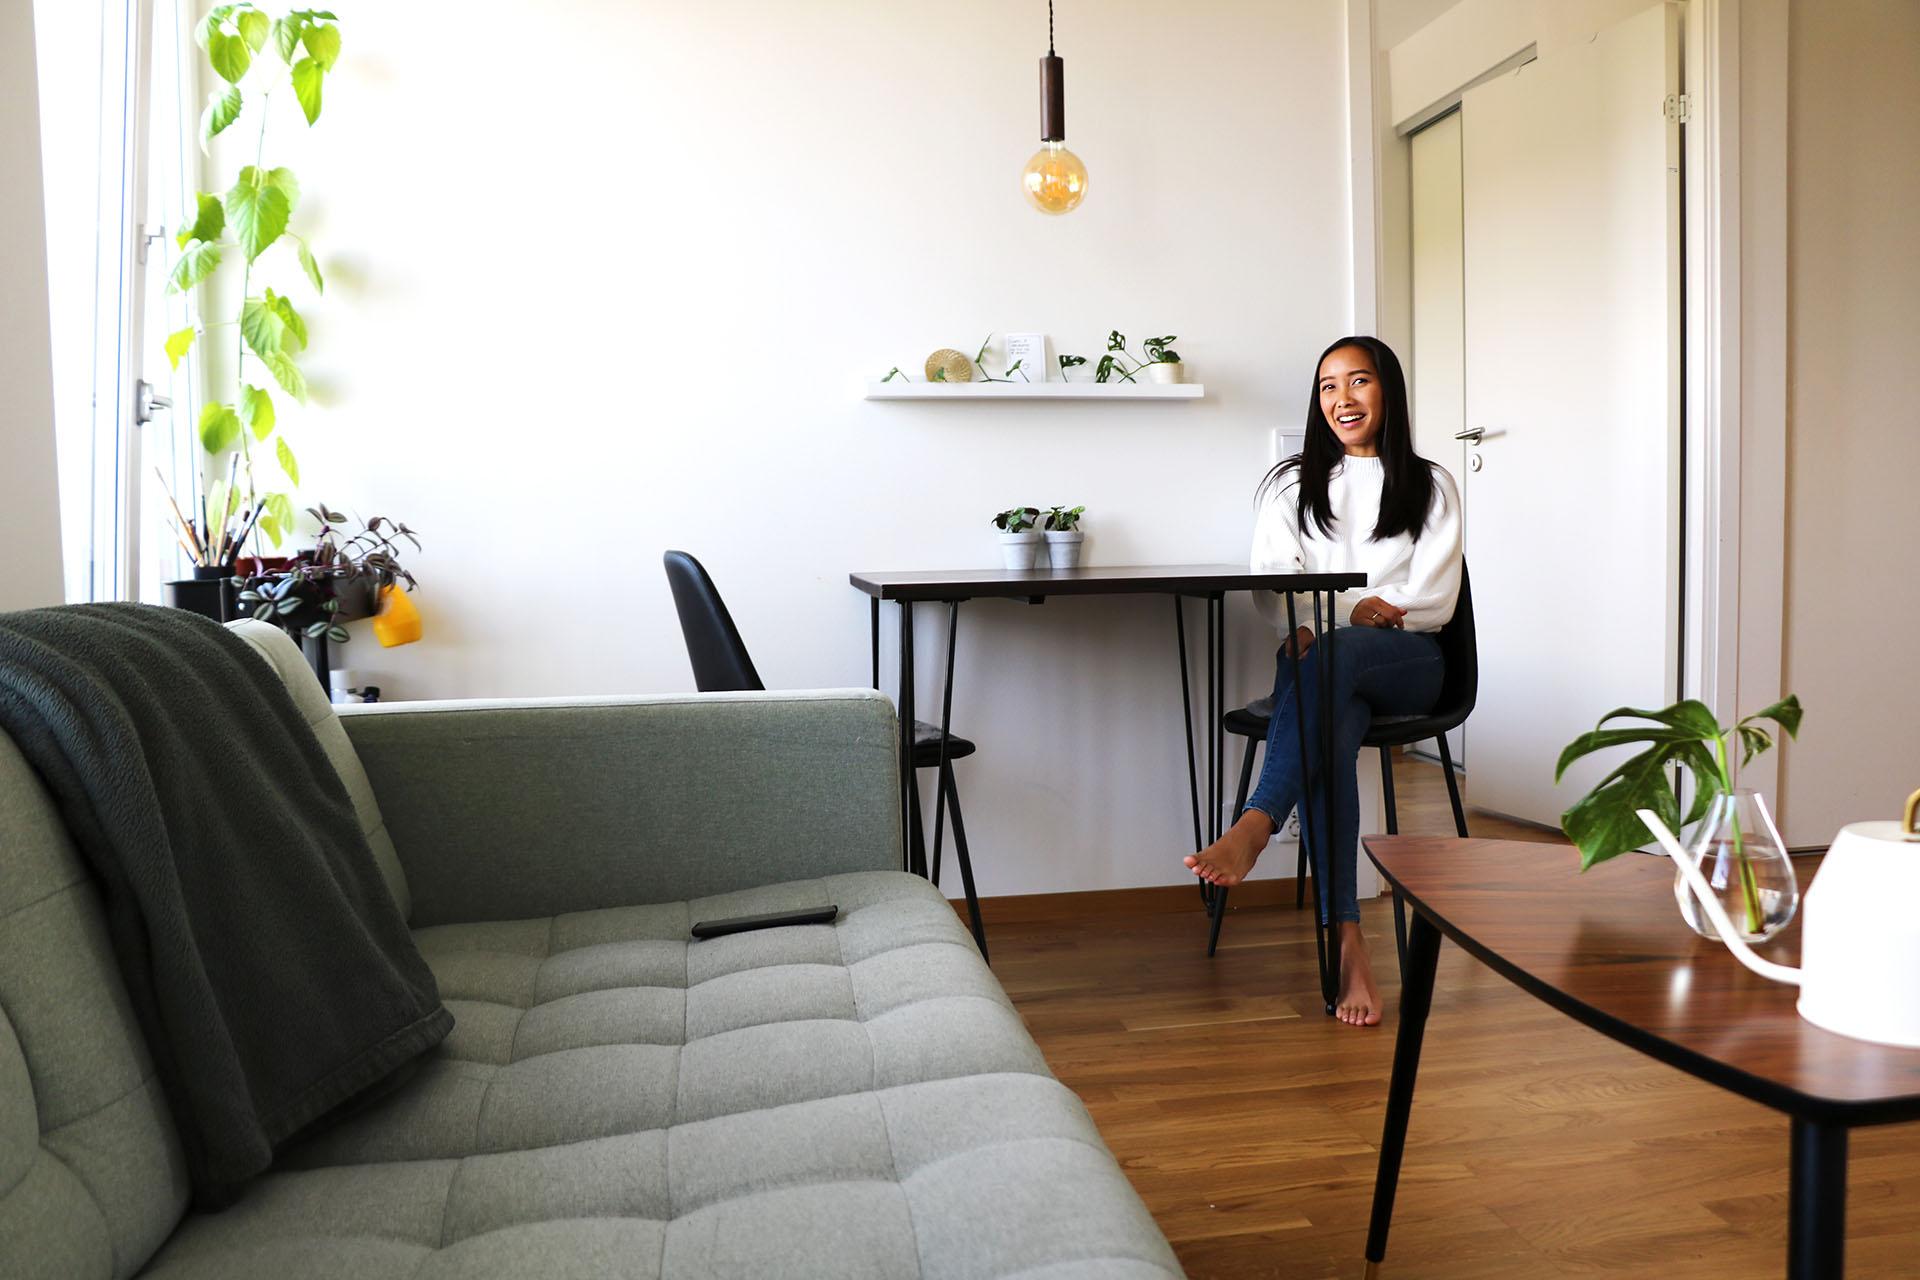 När det kommer till inredning beskriver Olivia sin stil som minimalistisk med levande inslag. Trä och växter samspelar med vitt, grått och beige. Möblemanget är en blandning av gammalt och nytt.